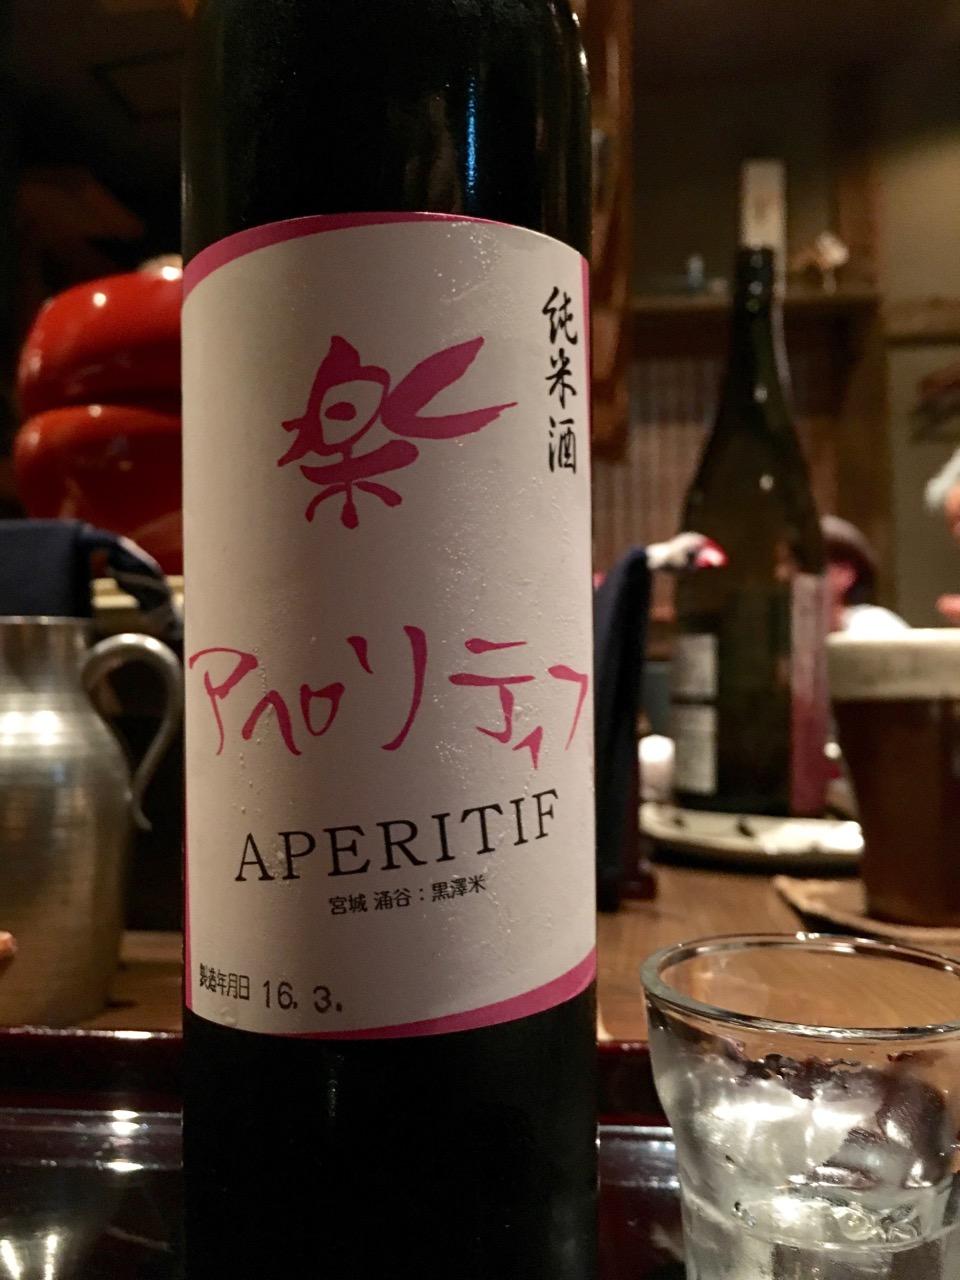 綿屋アペリティフ 日本酒テイスティングノート